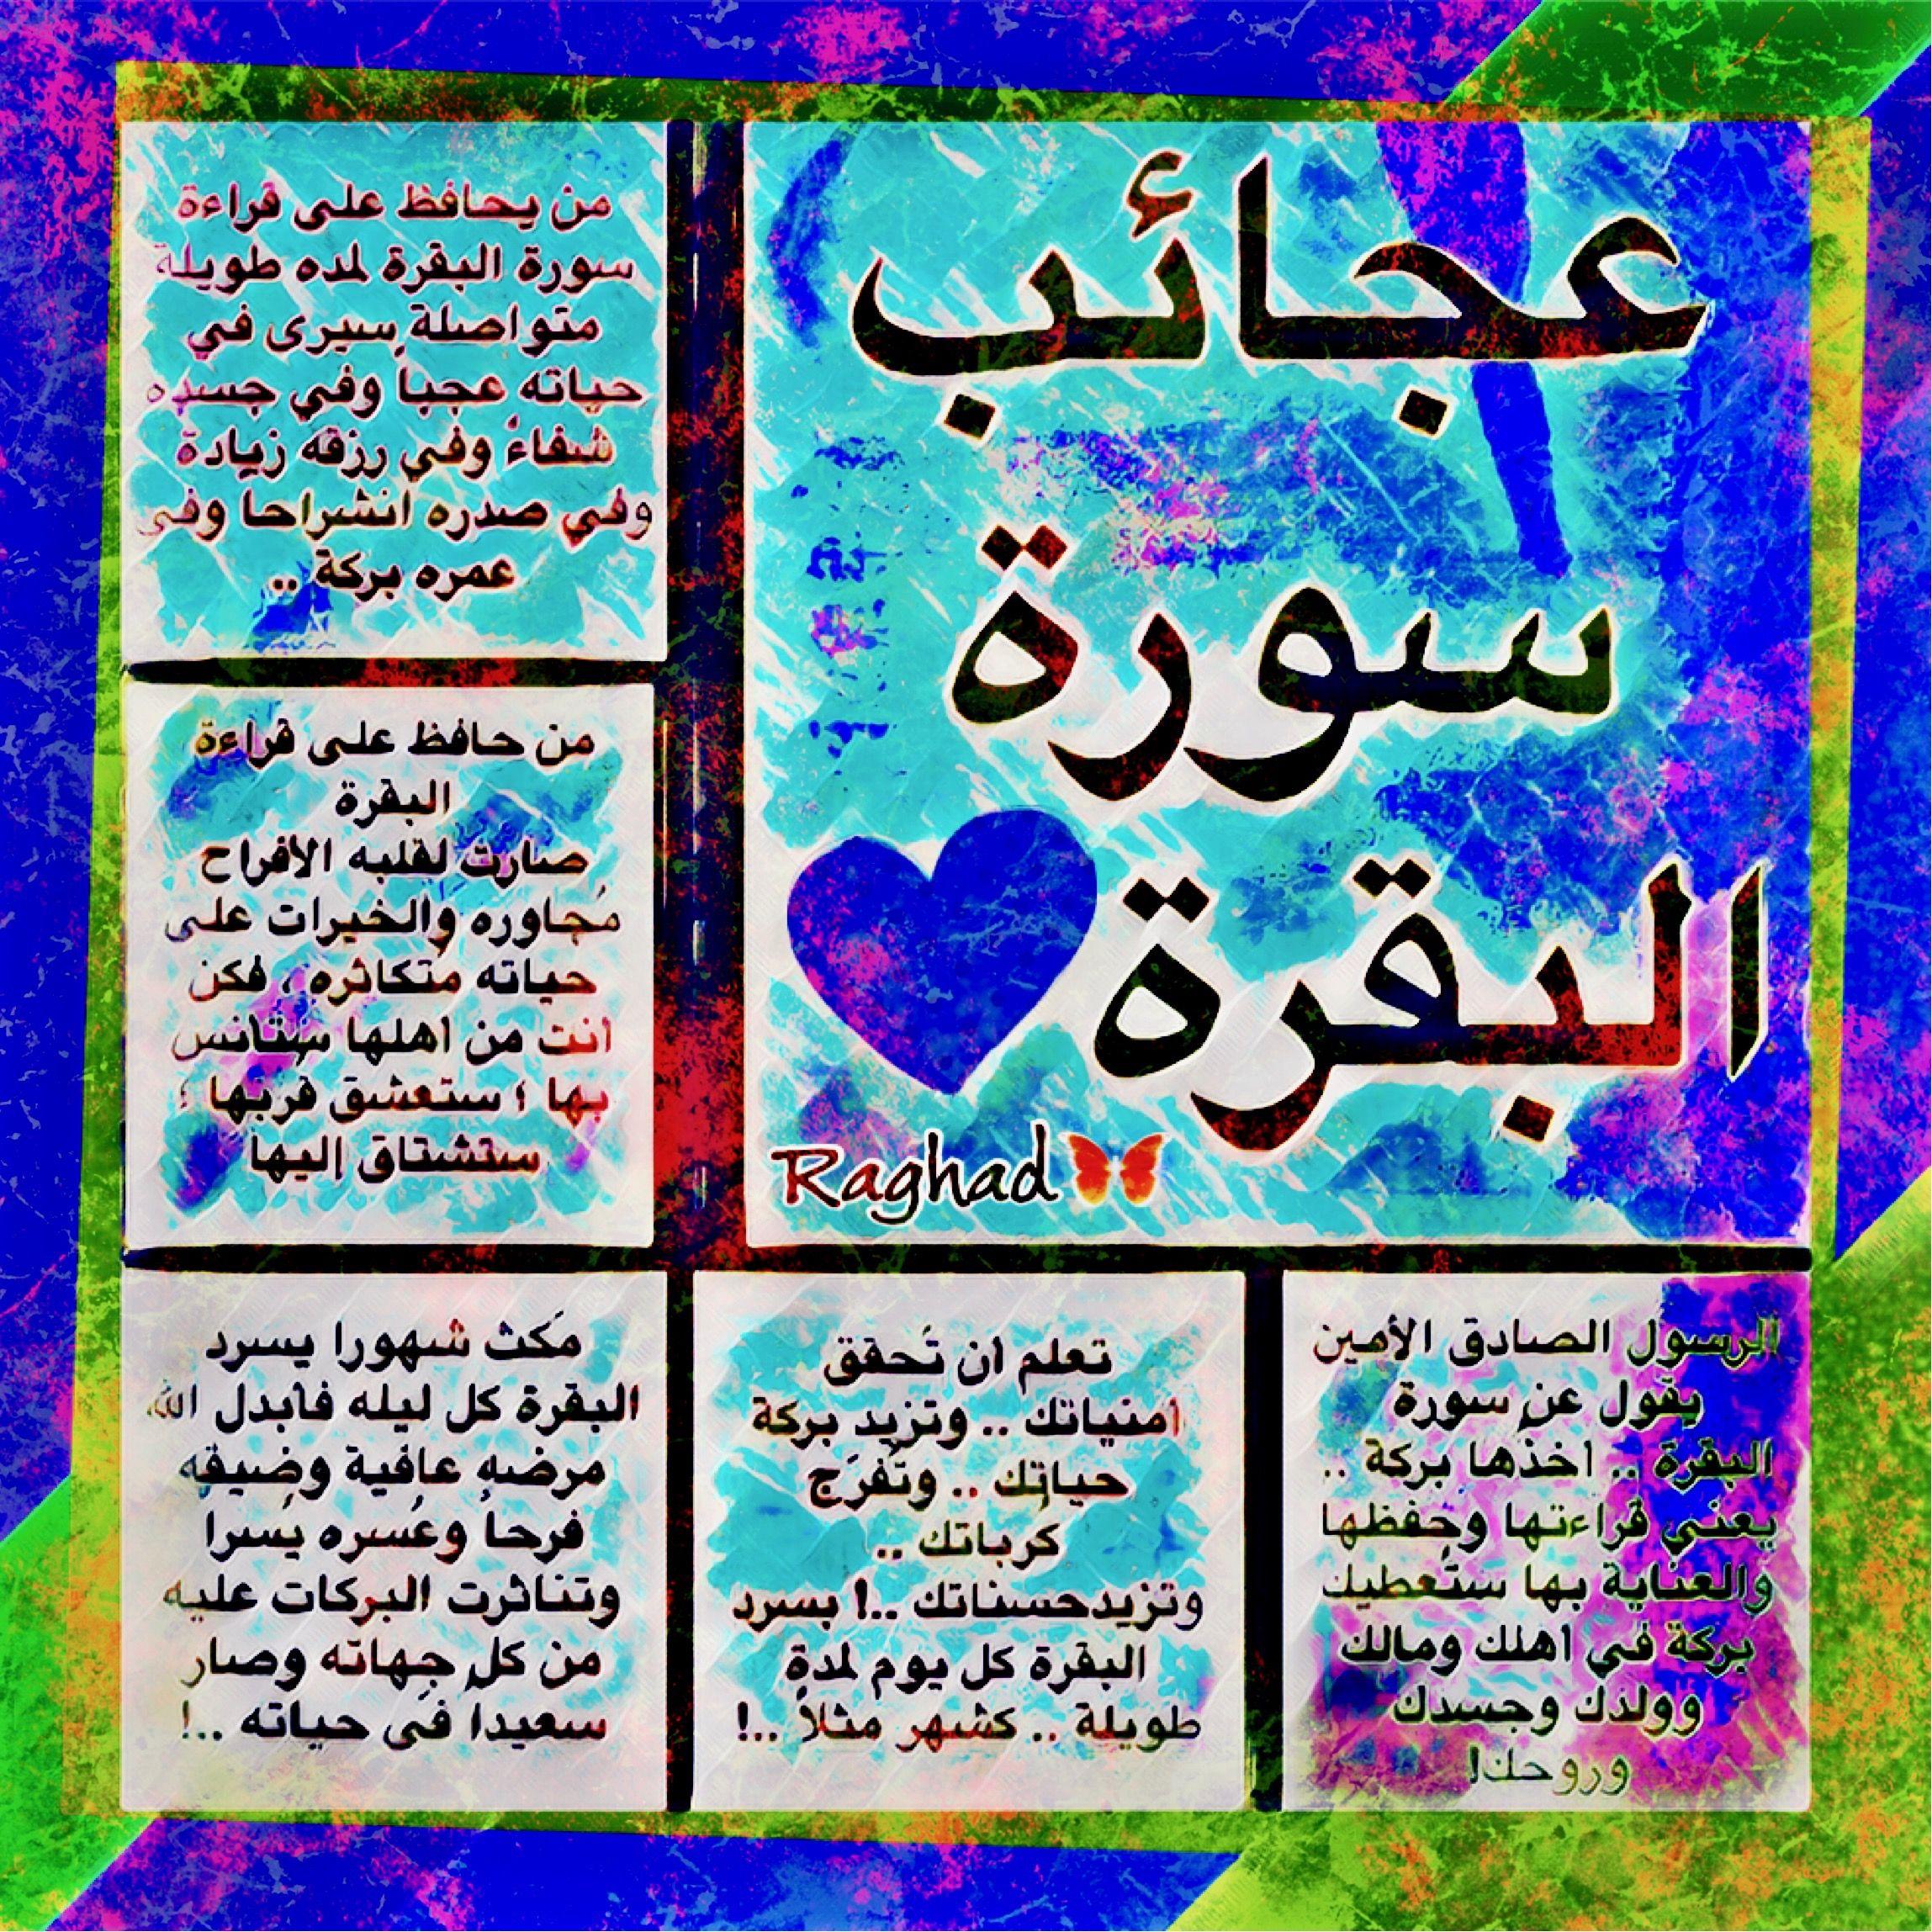 سورة فيها الشفاء السريع لمن يشكو من الهم والحزن والضيق والقلق والاكتئاب شفاء لكل مرض Youtube In 2021 Quran Recitation Chalkboard Quote Art Quran